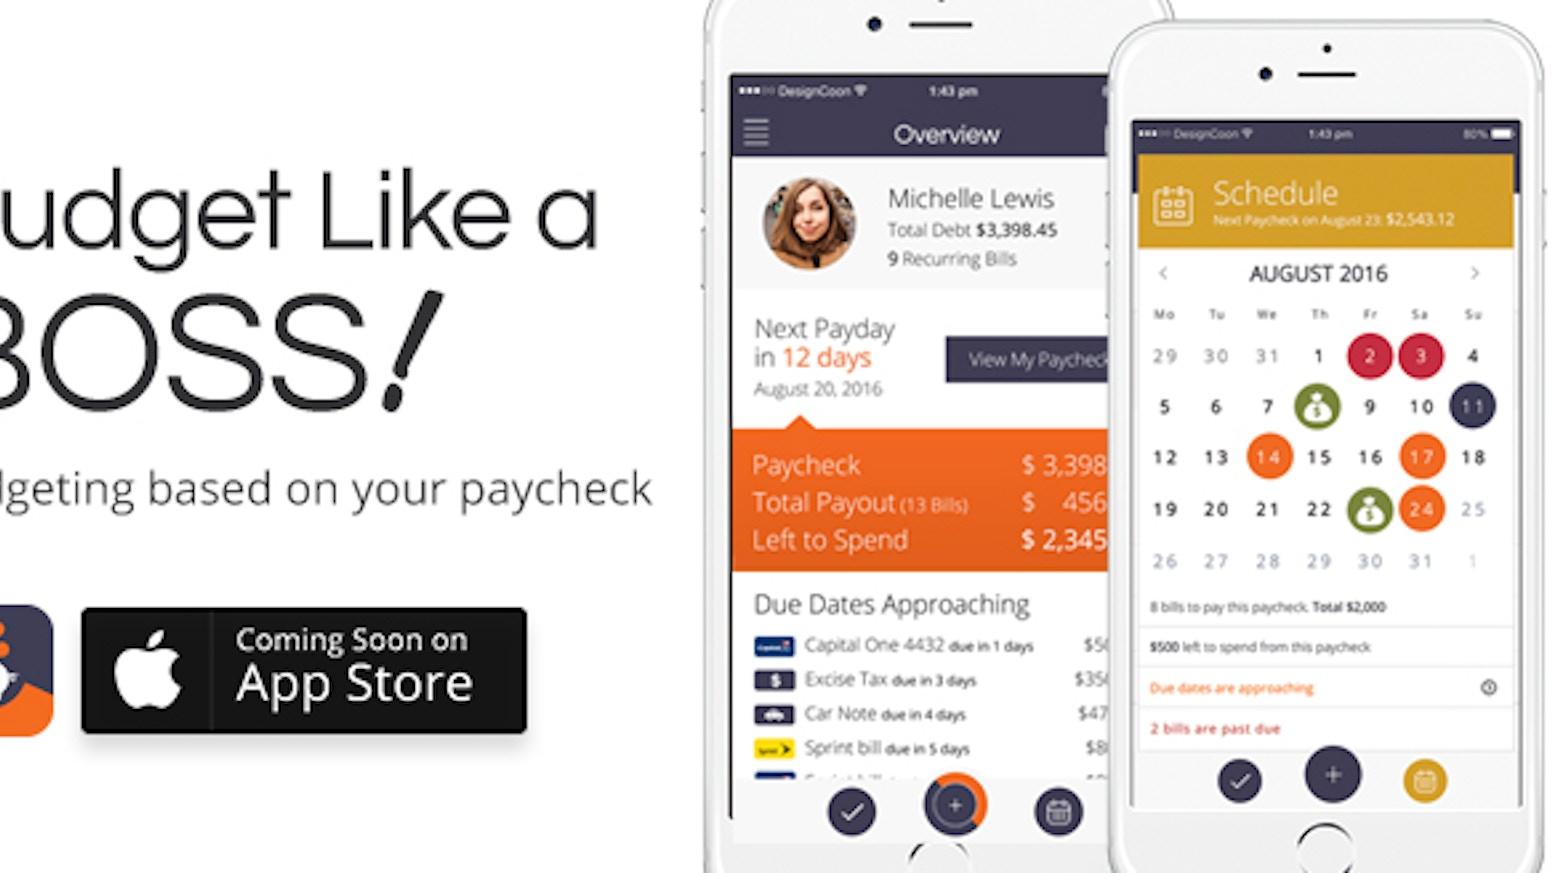 BudgetPlan - Budget Like a Boss! by Anna Mekerian — Kickstarter